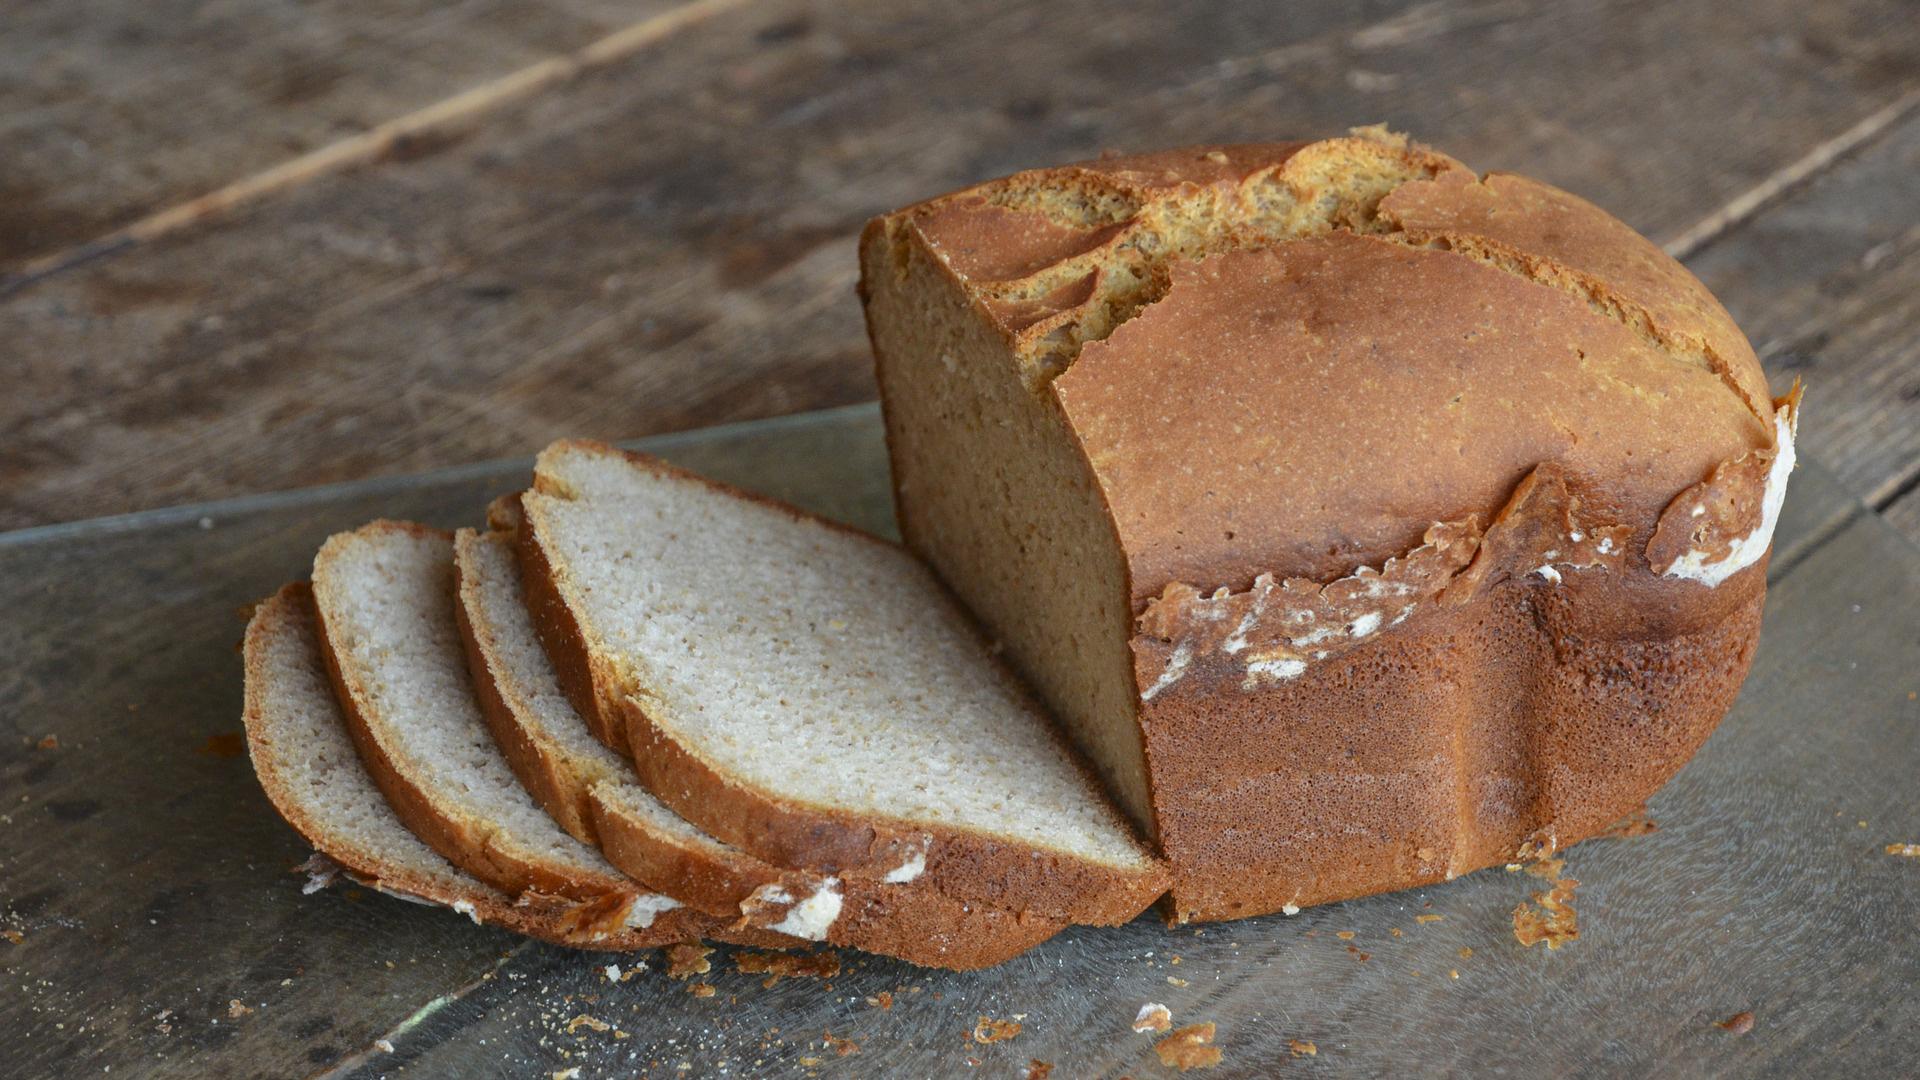 bread-1319583_1920_1549638351351.jpg